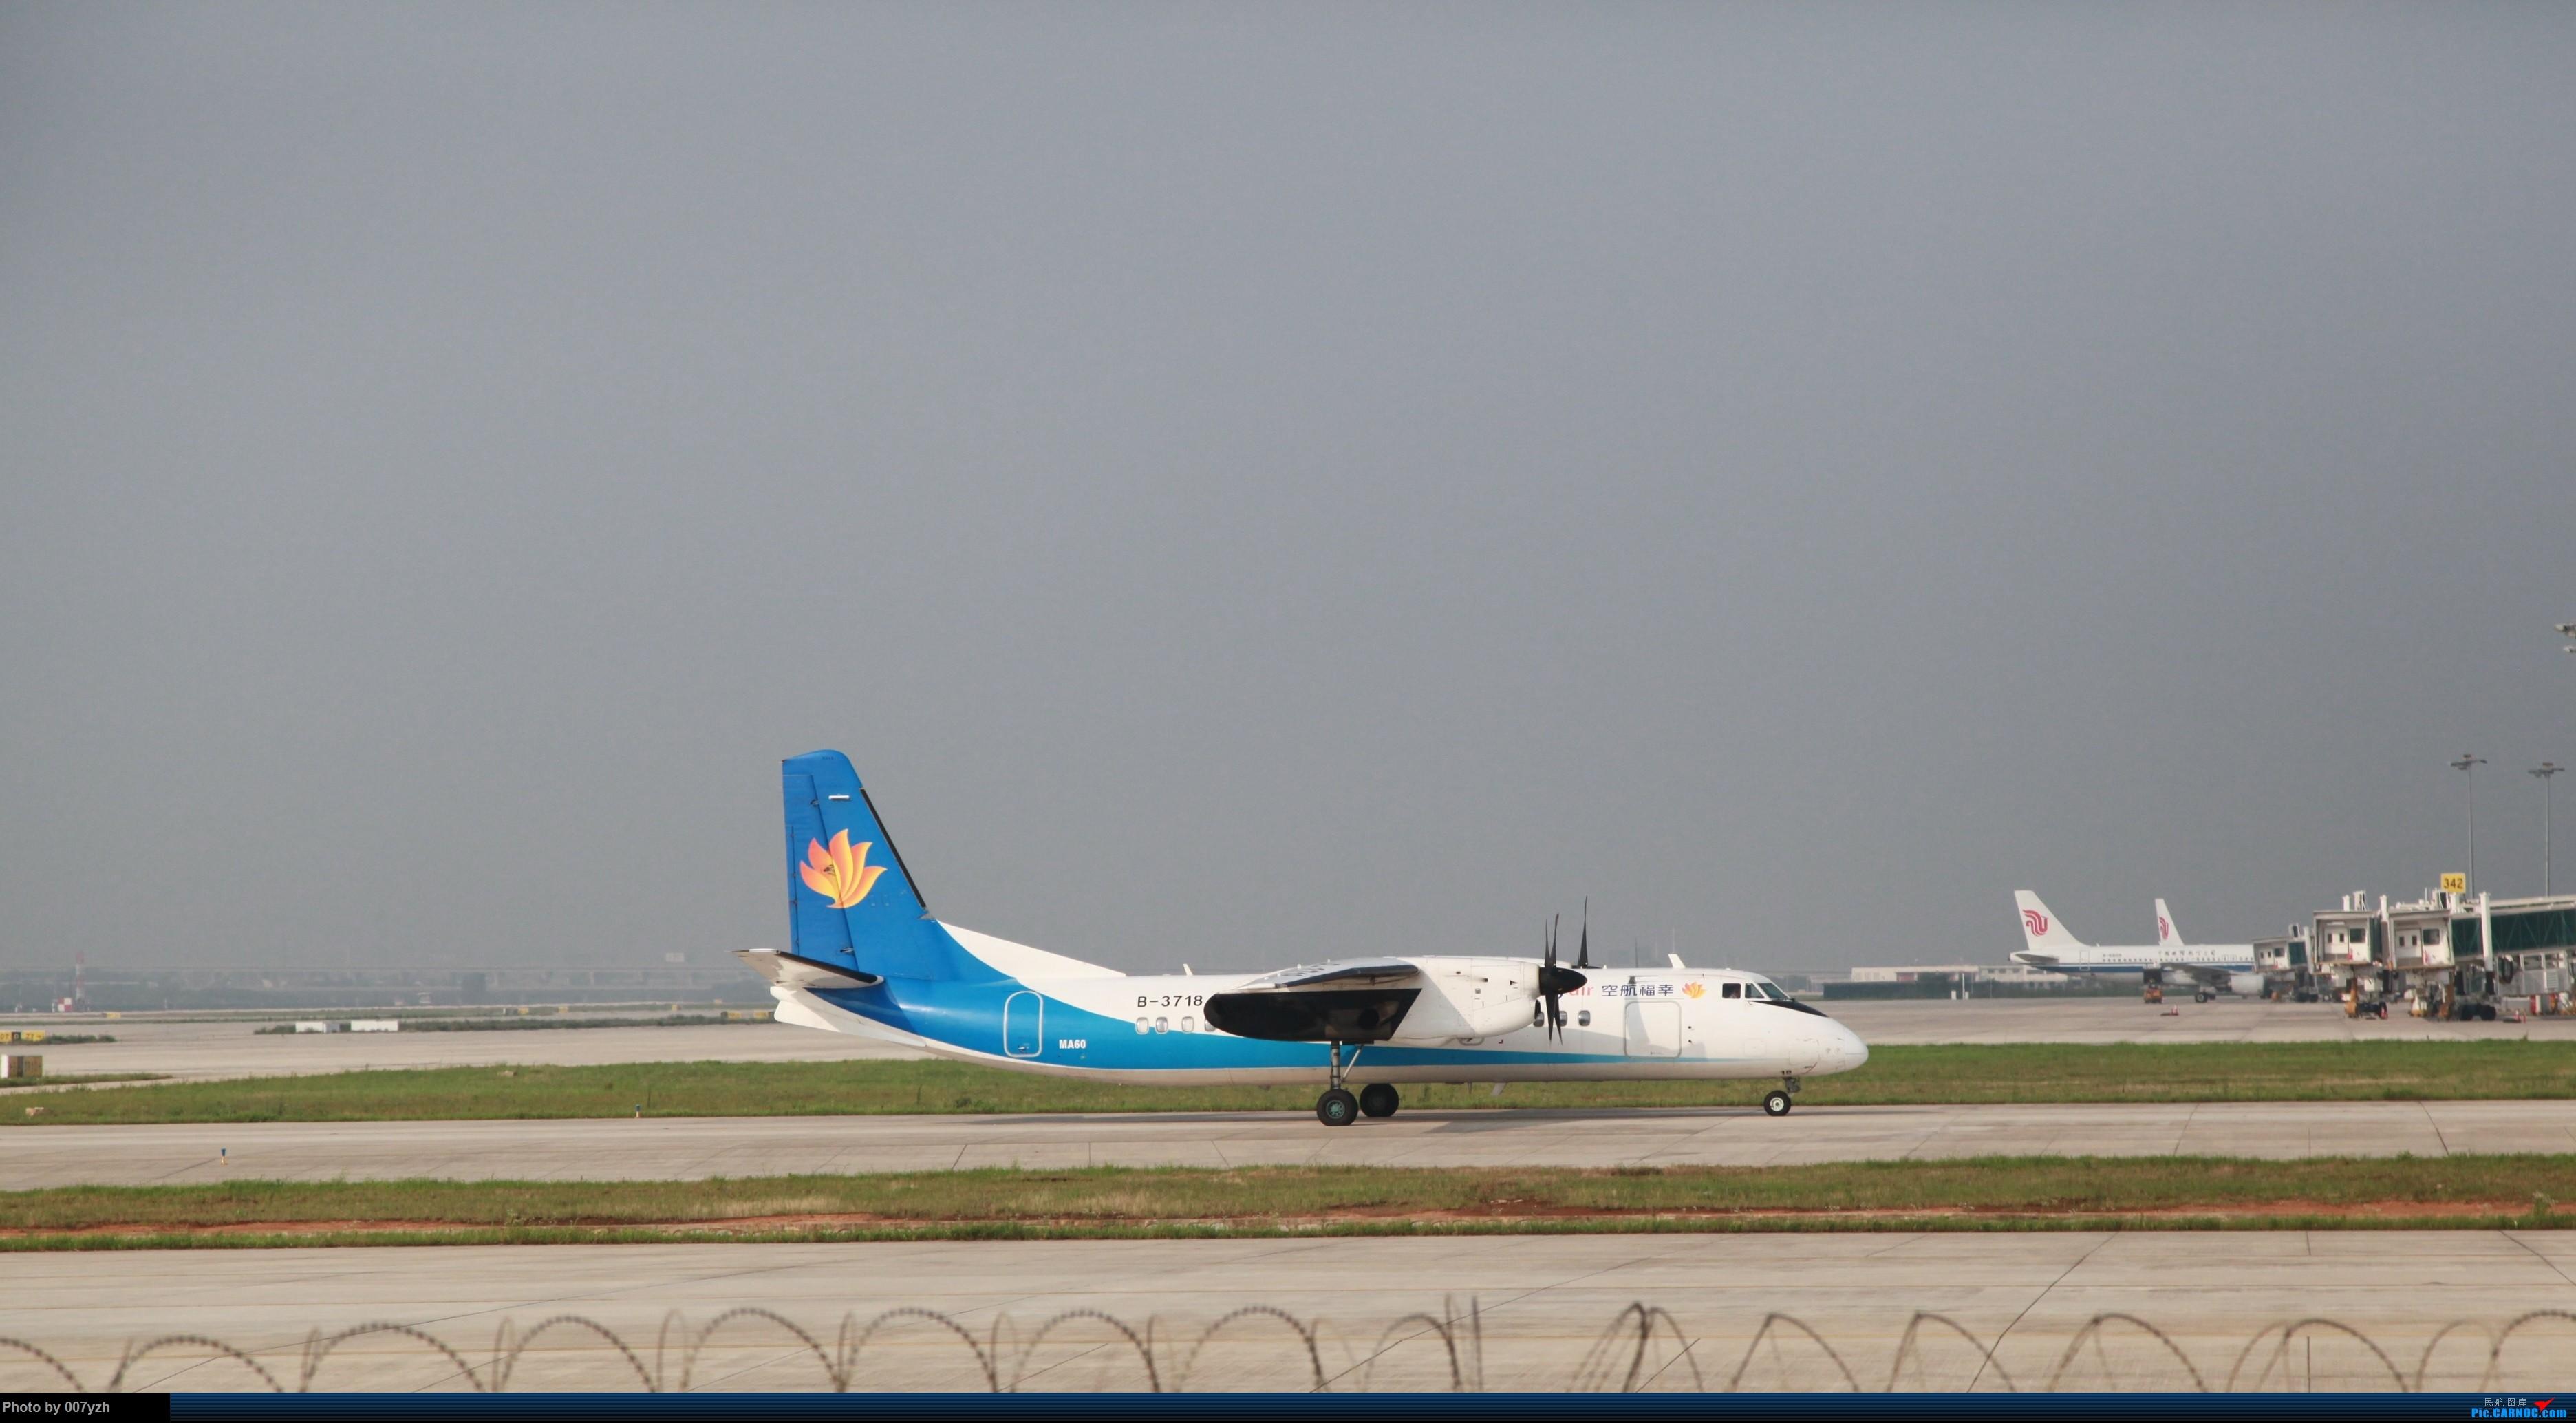 [原创]支持国产-MA60 XIAN AIRCRAFT MA 60 B-3718 中国武汉天河国际机场